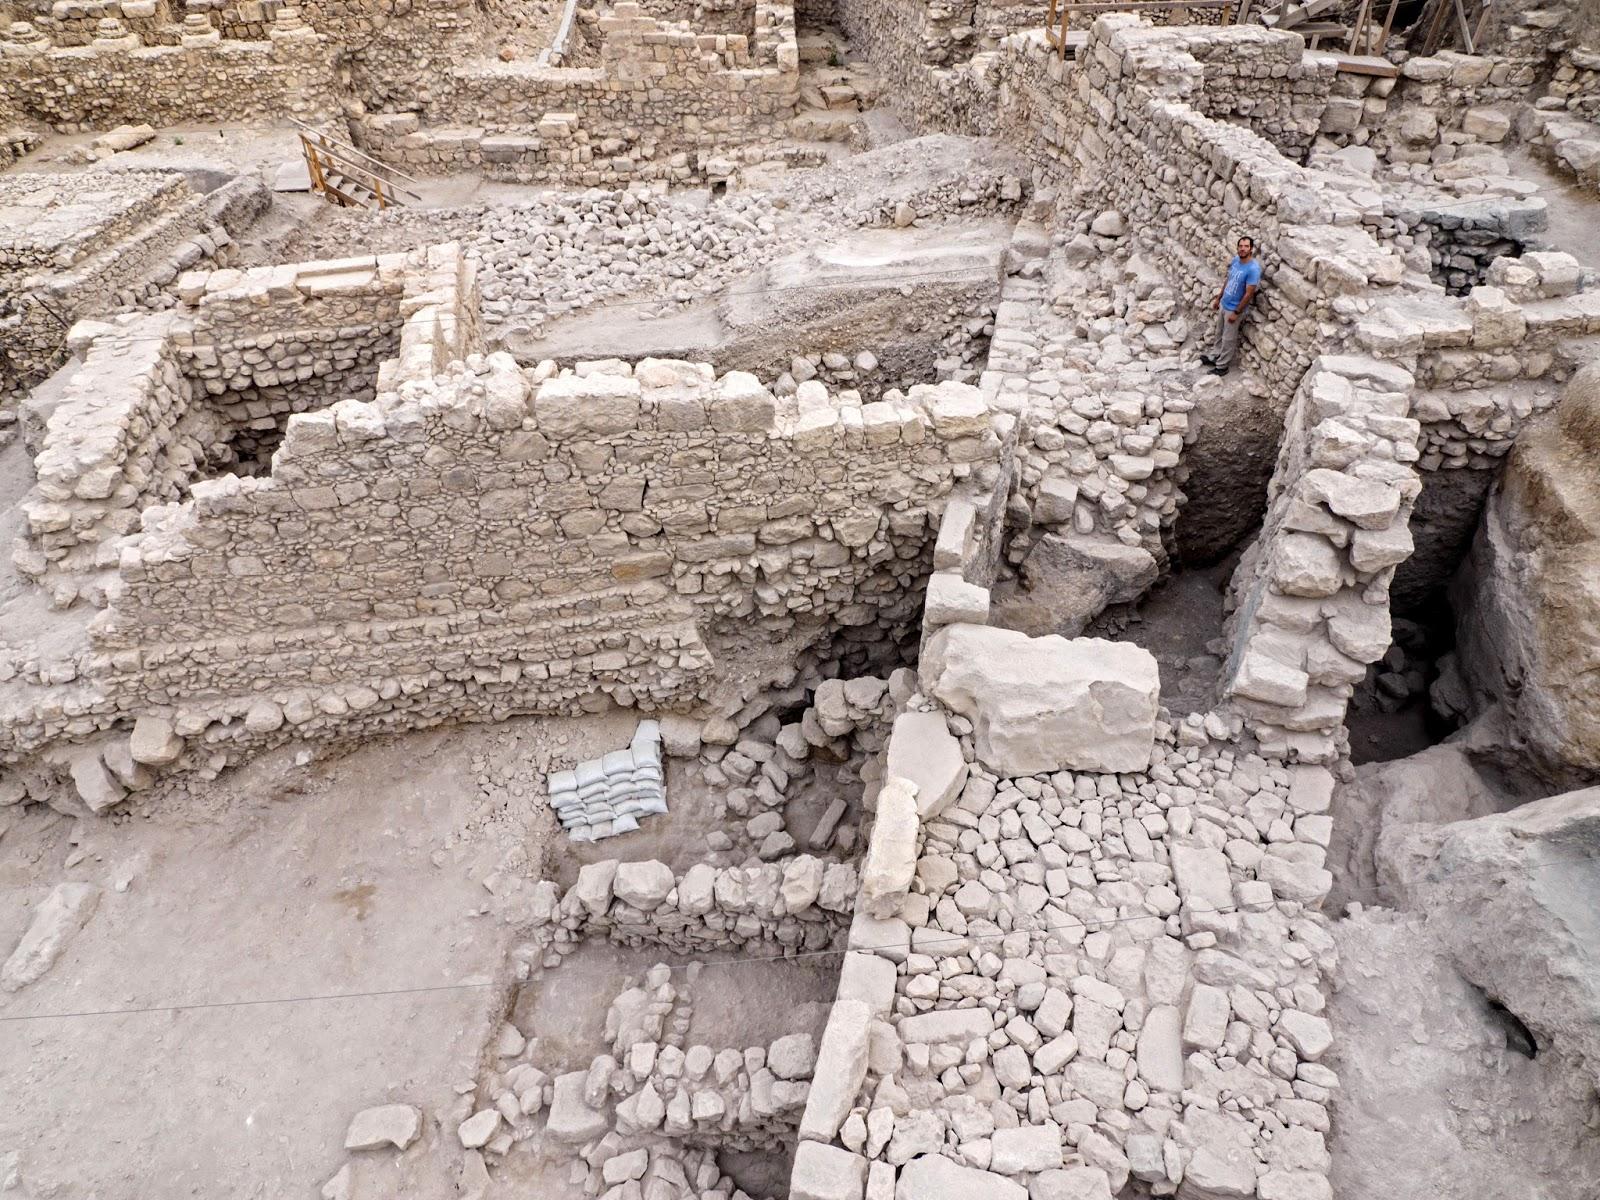 В Иерусалиме найдены следы библейского землетрясения, произошедшего 2800 лет назад